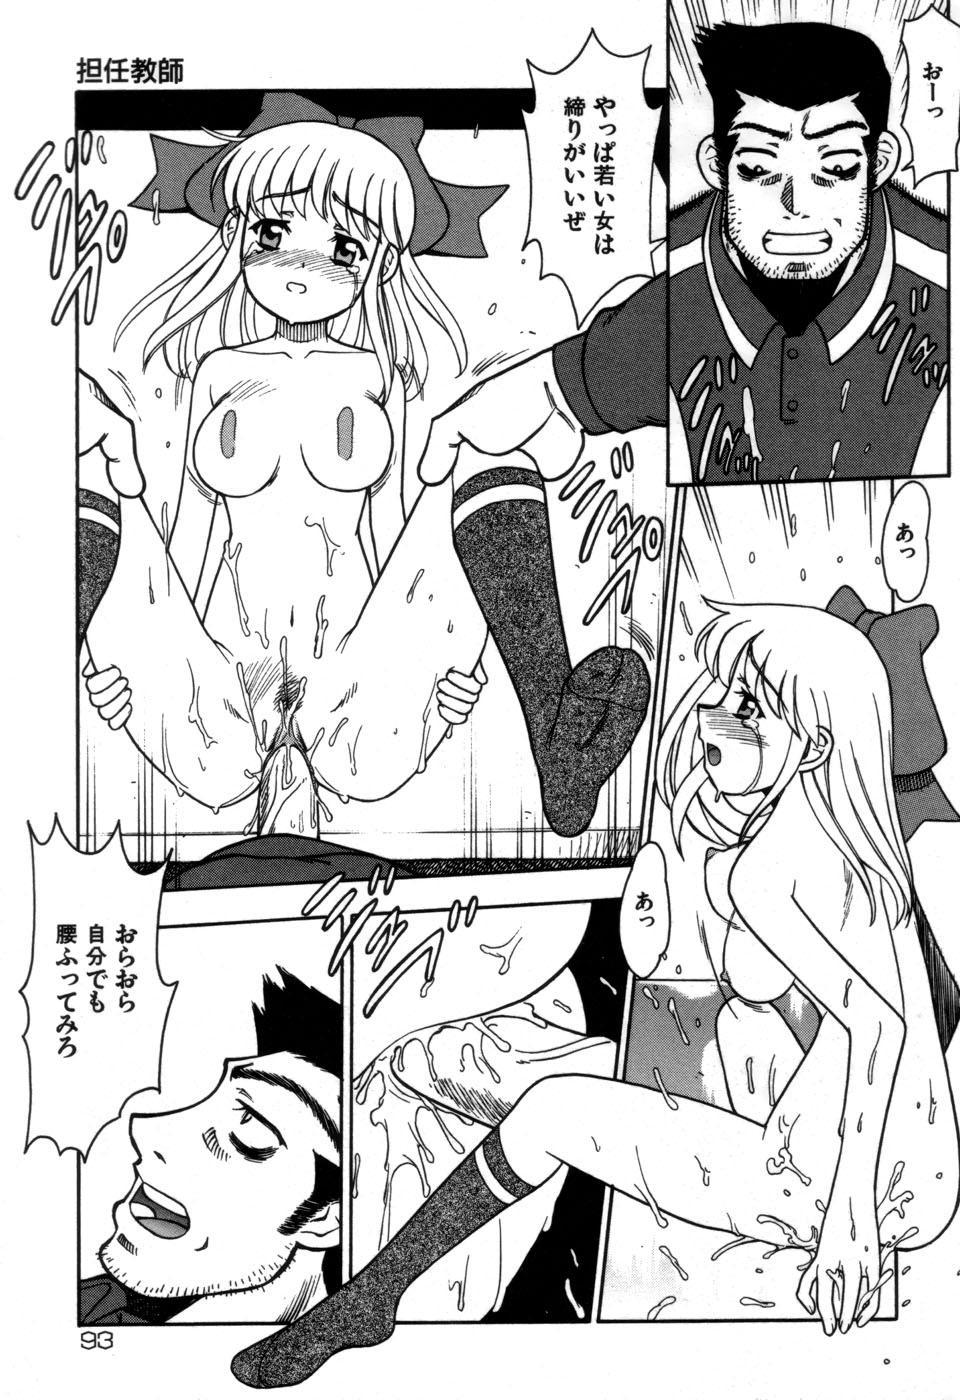 Imouto no Hiasobi 94